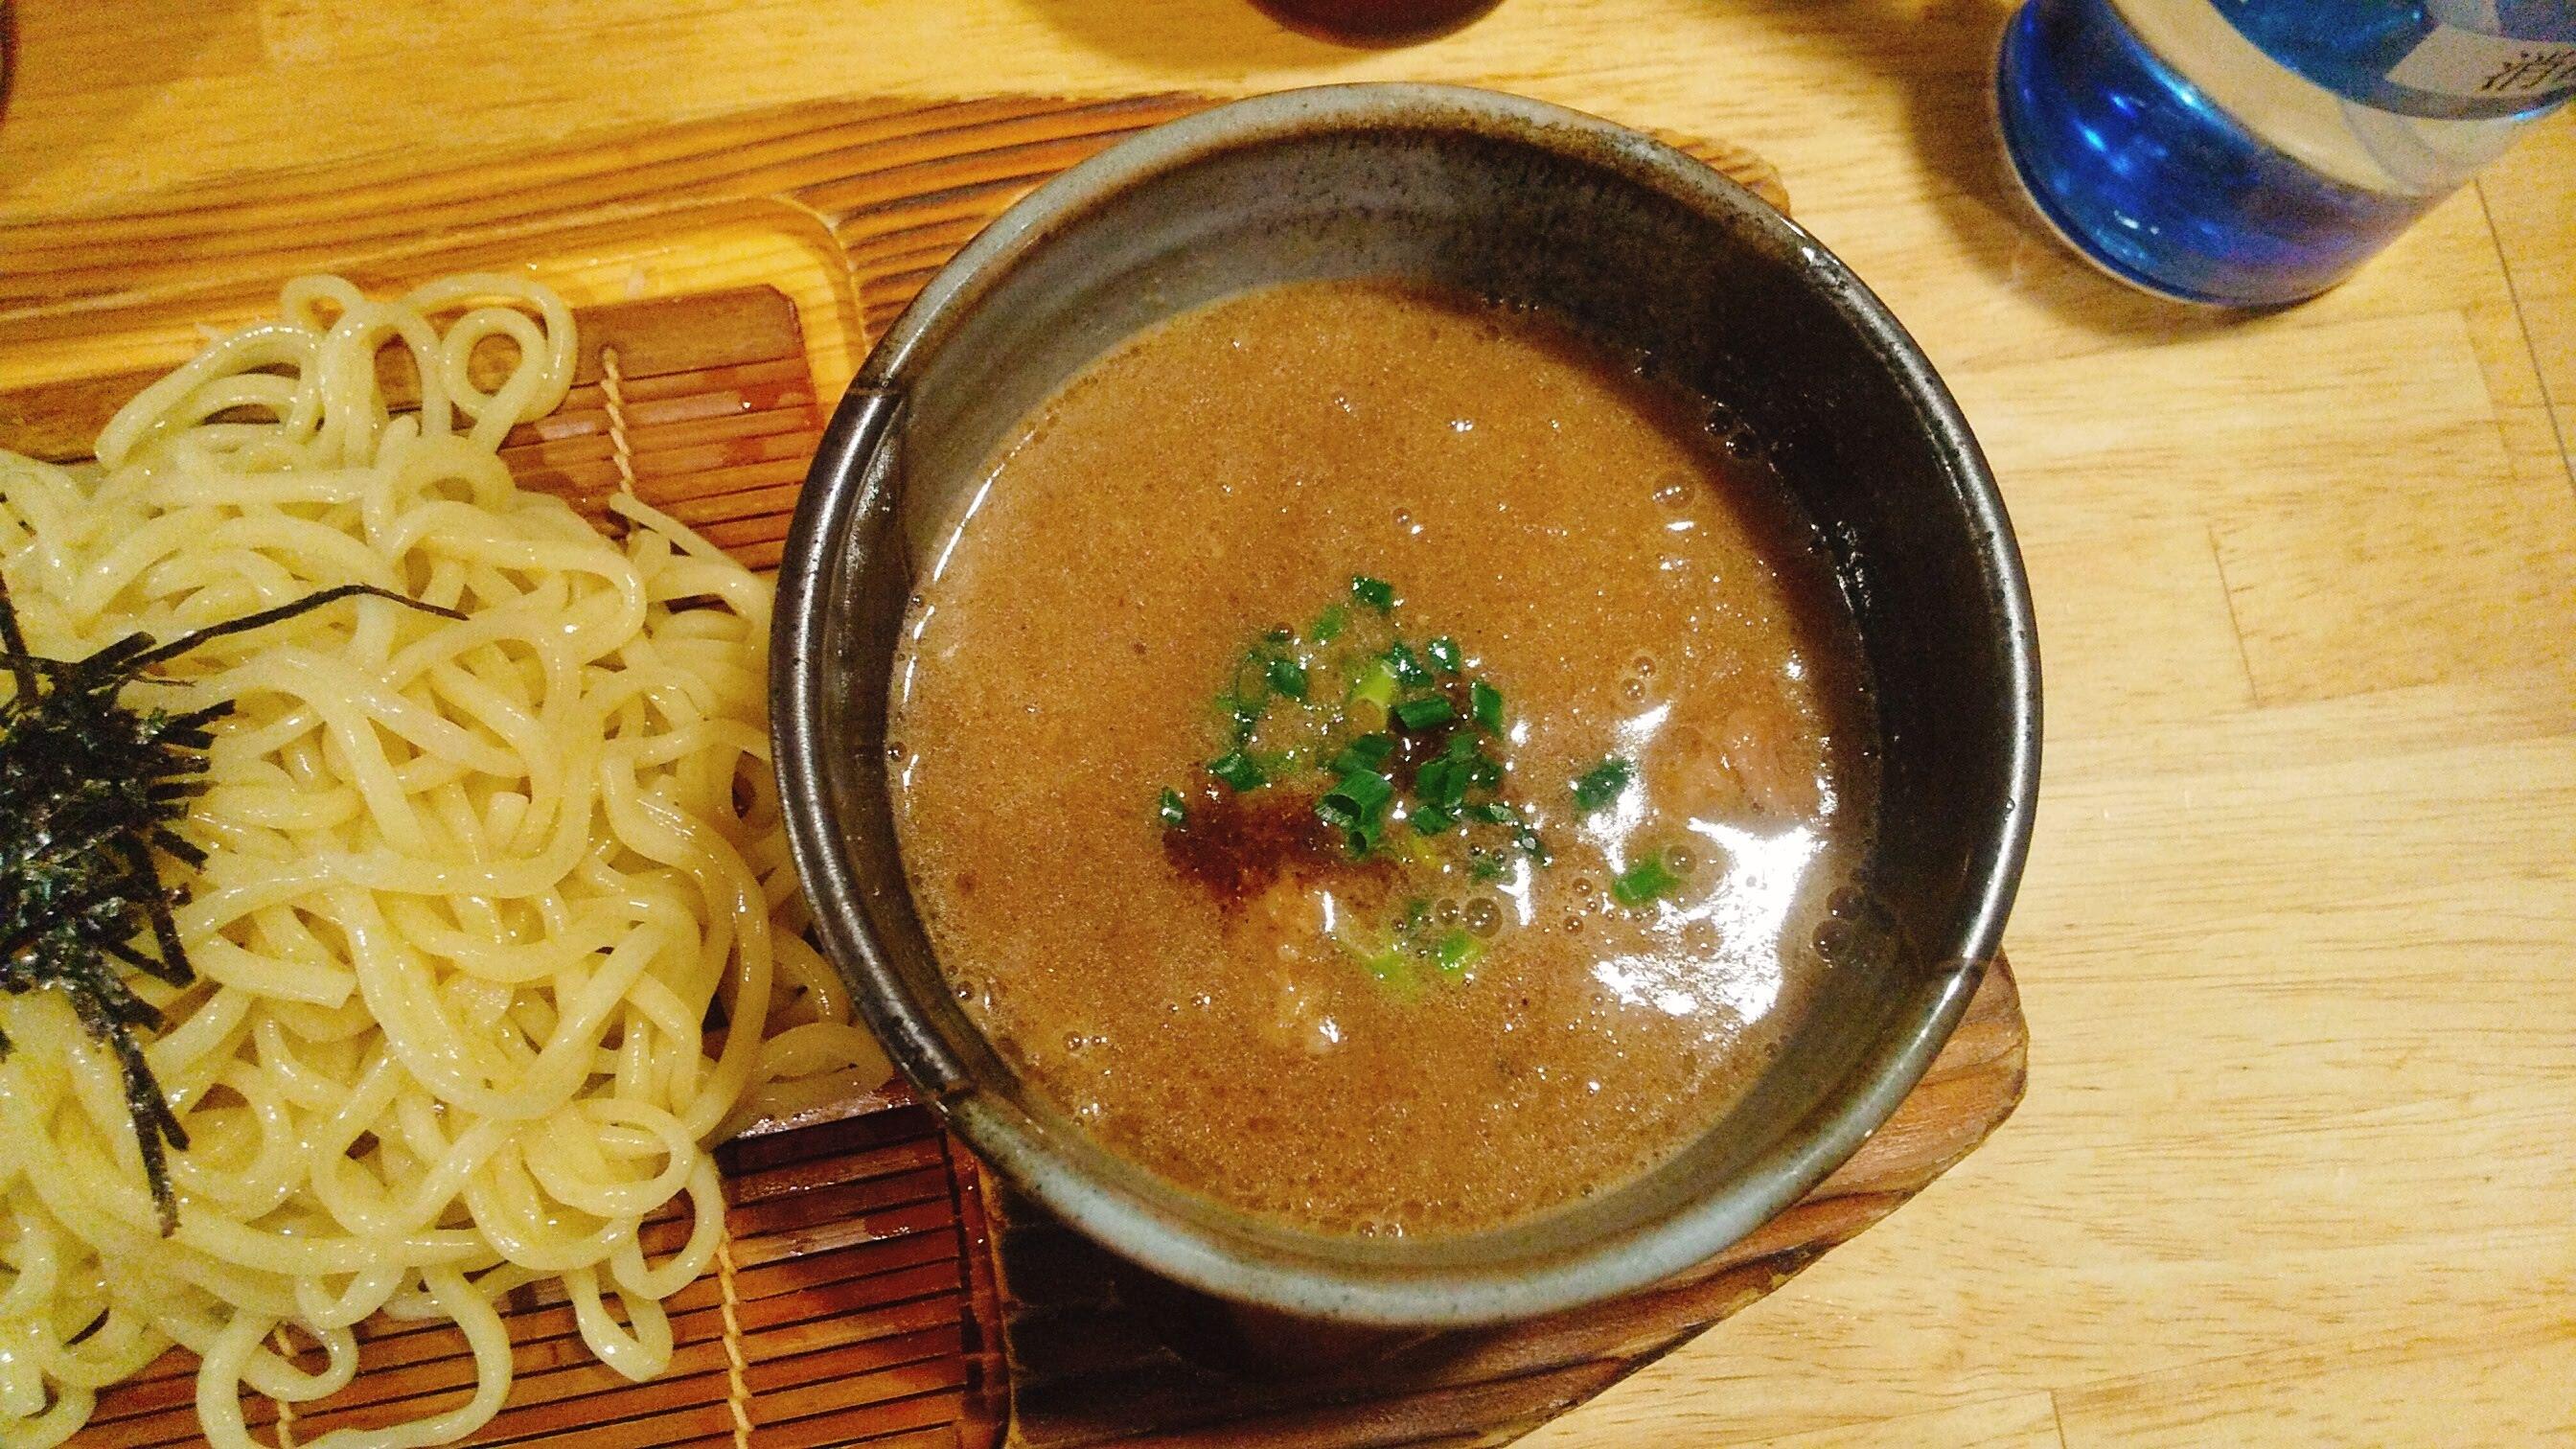 城南らーめん紫龍のつけ麺のつけ汁の写真